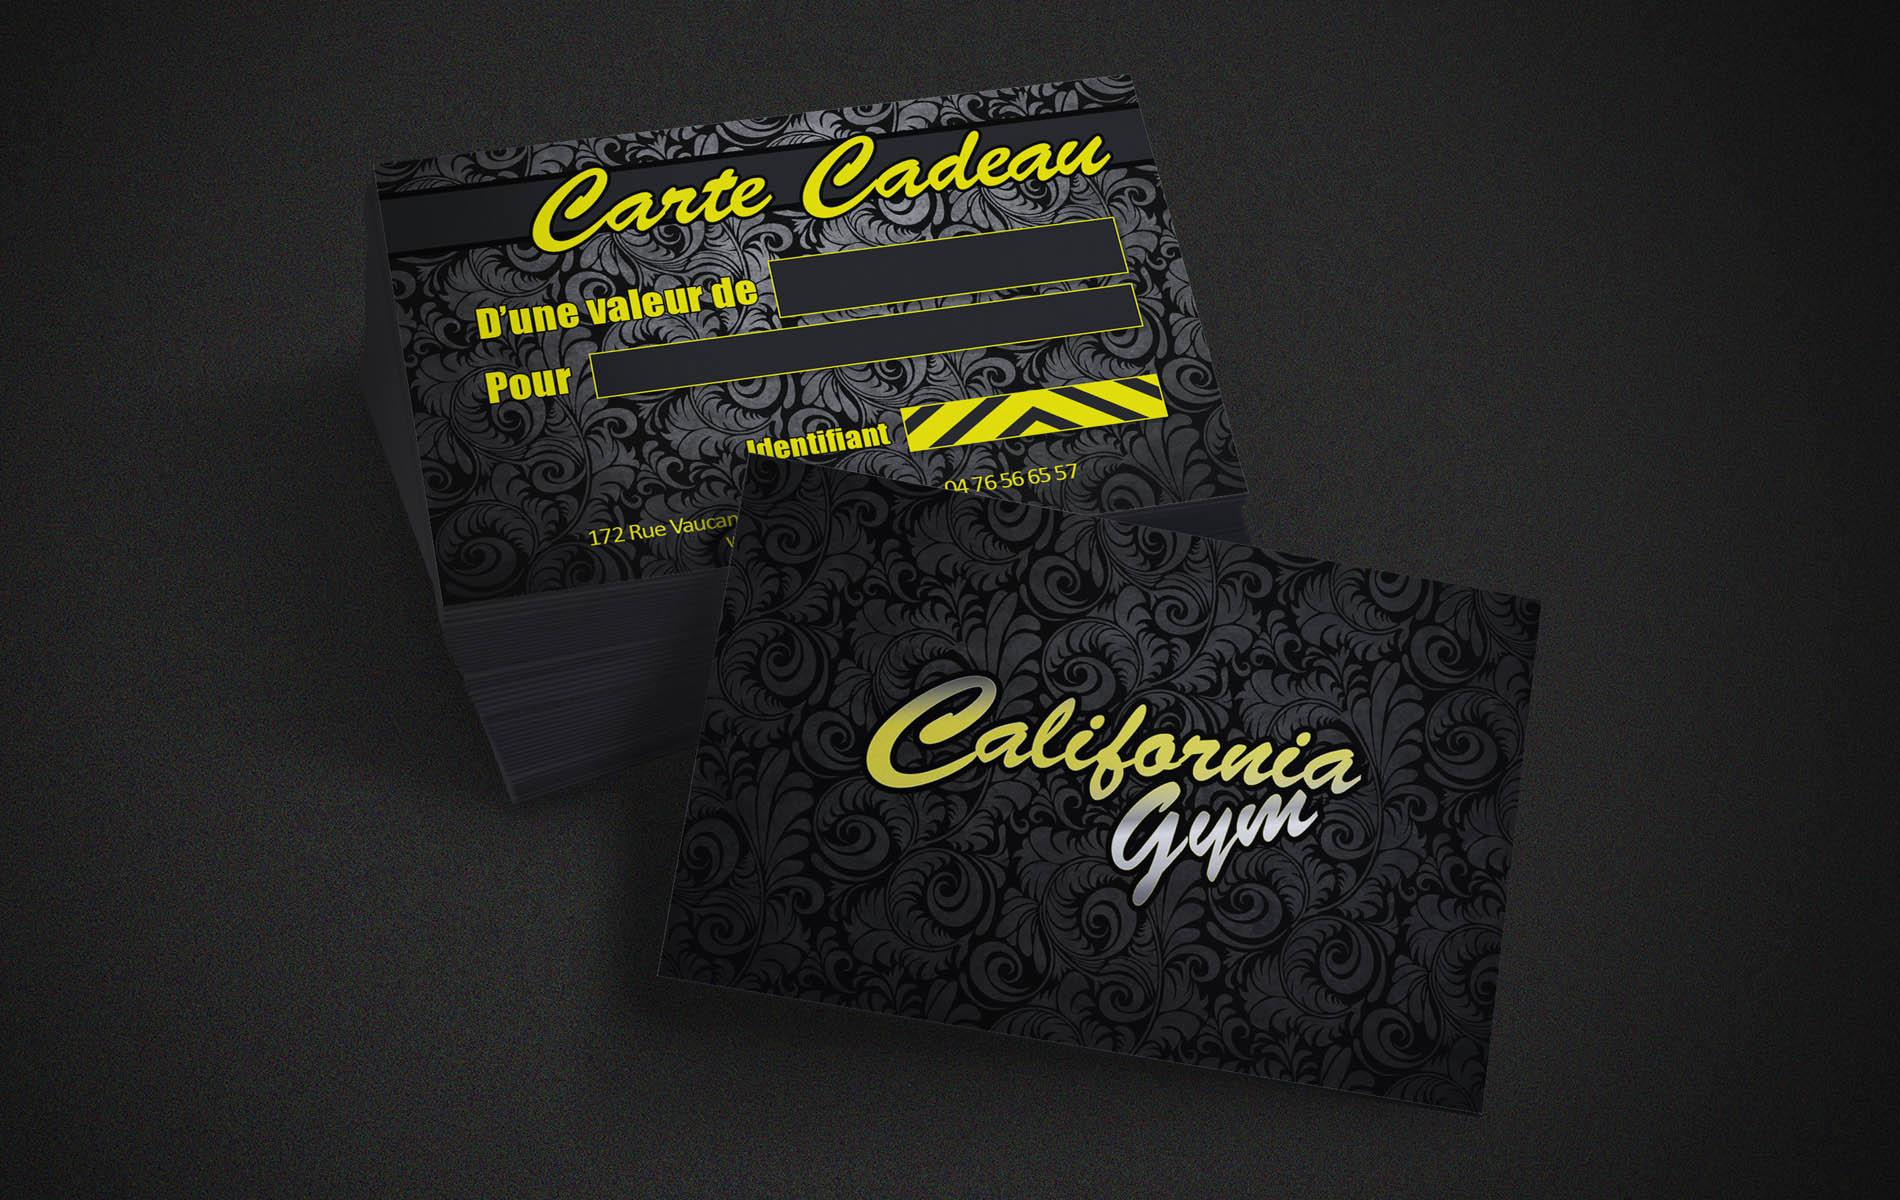 carte-cadeau-californiagym-38